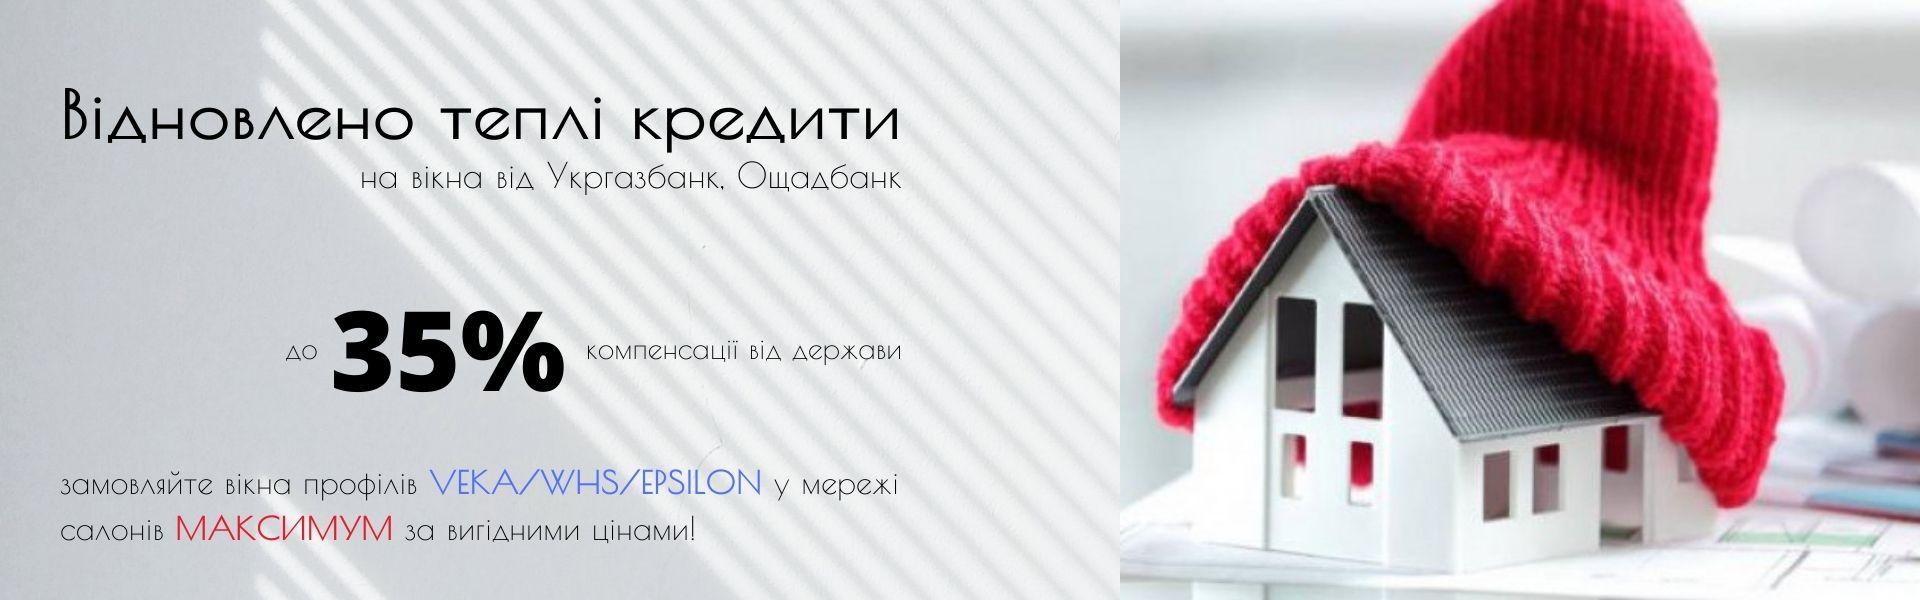 Теплі Кредити WHS EPSILON VEKA Ощадбанк Укргазбанк